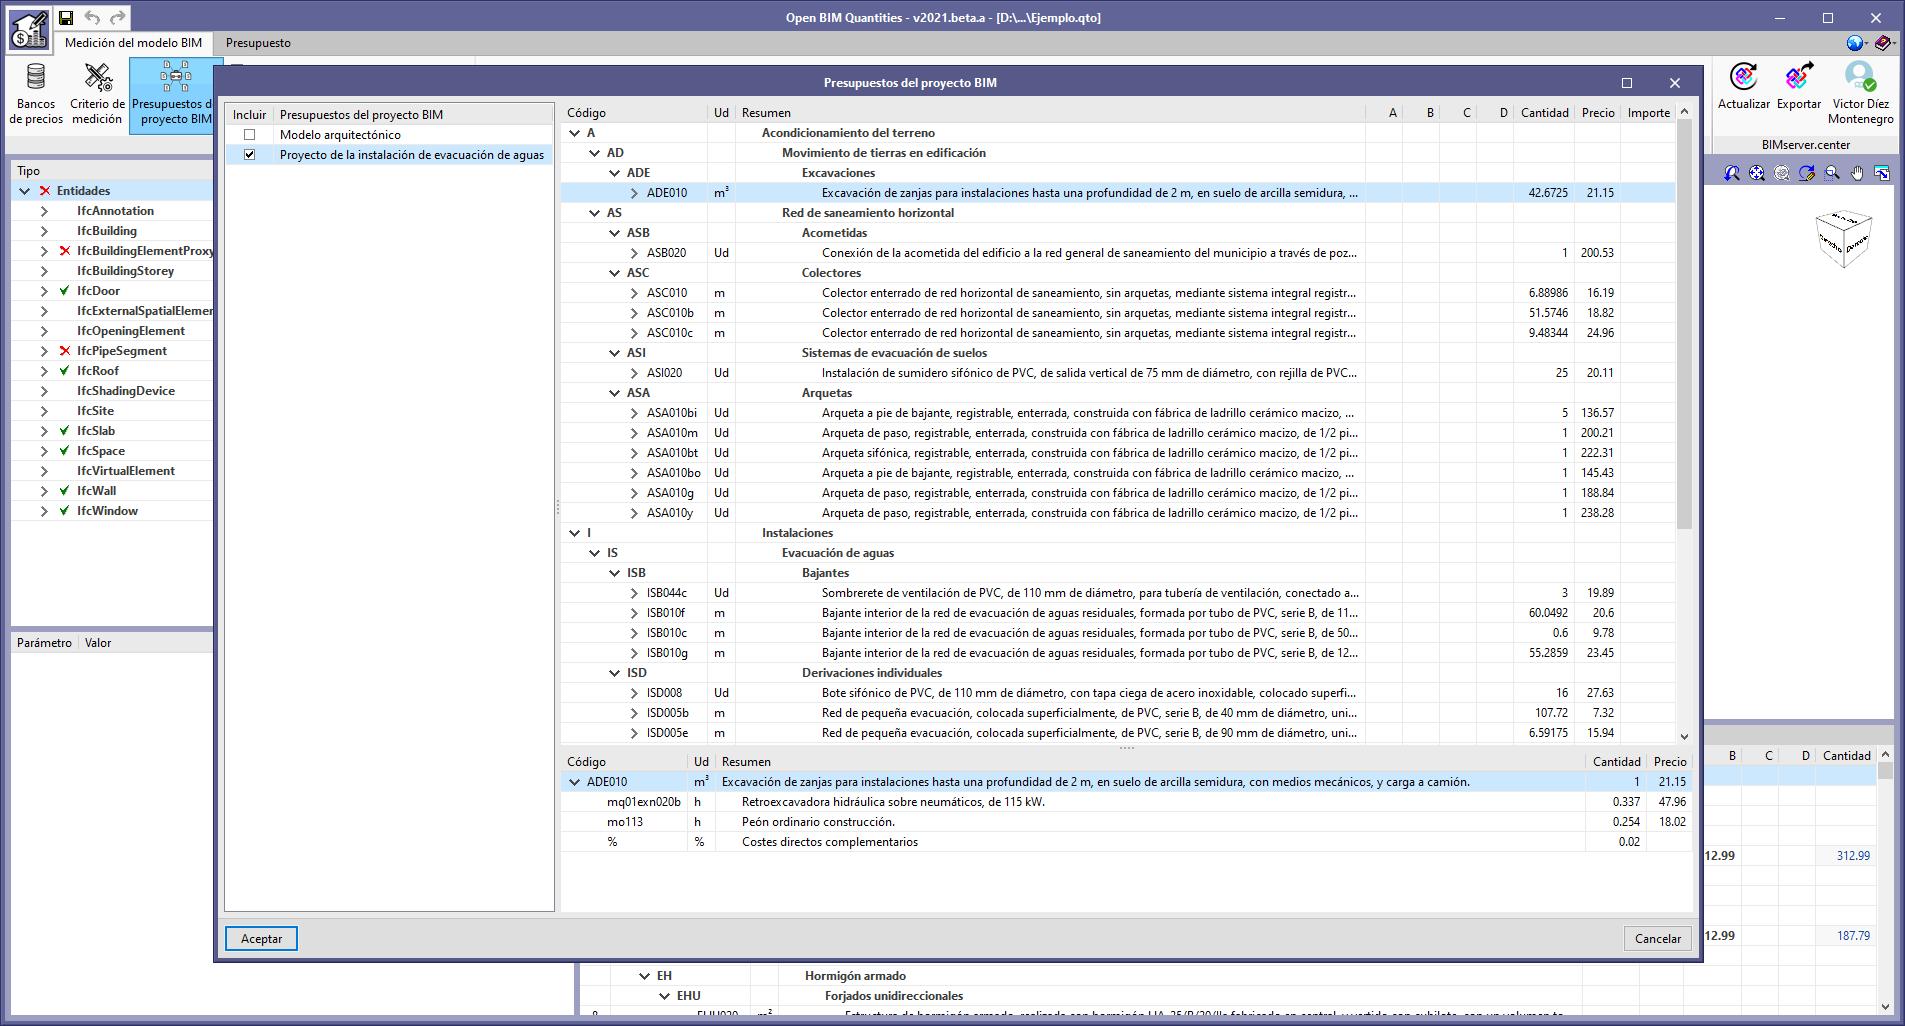 Open BIM Quantities. Lettura dei computi generati dalle applicazioni del progetto